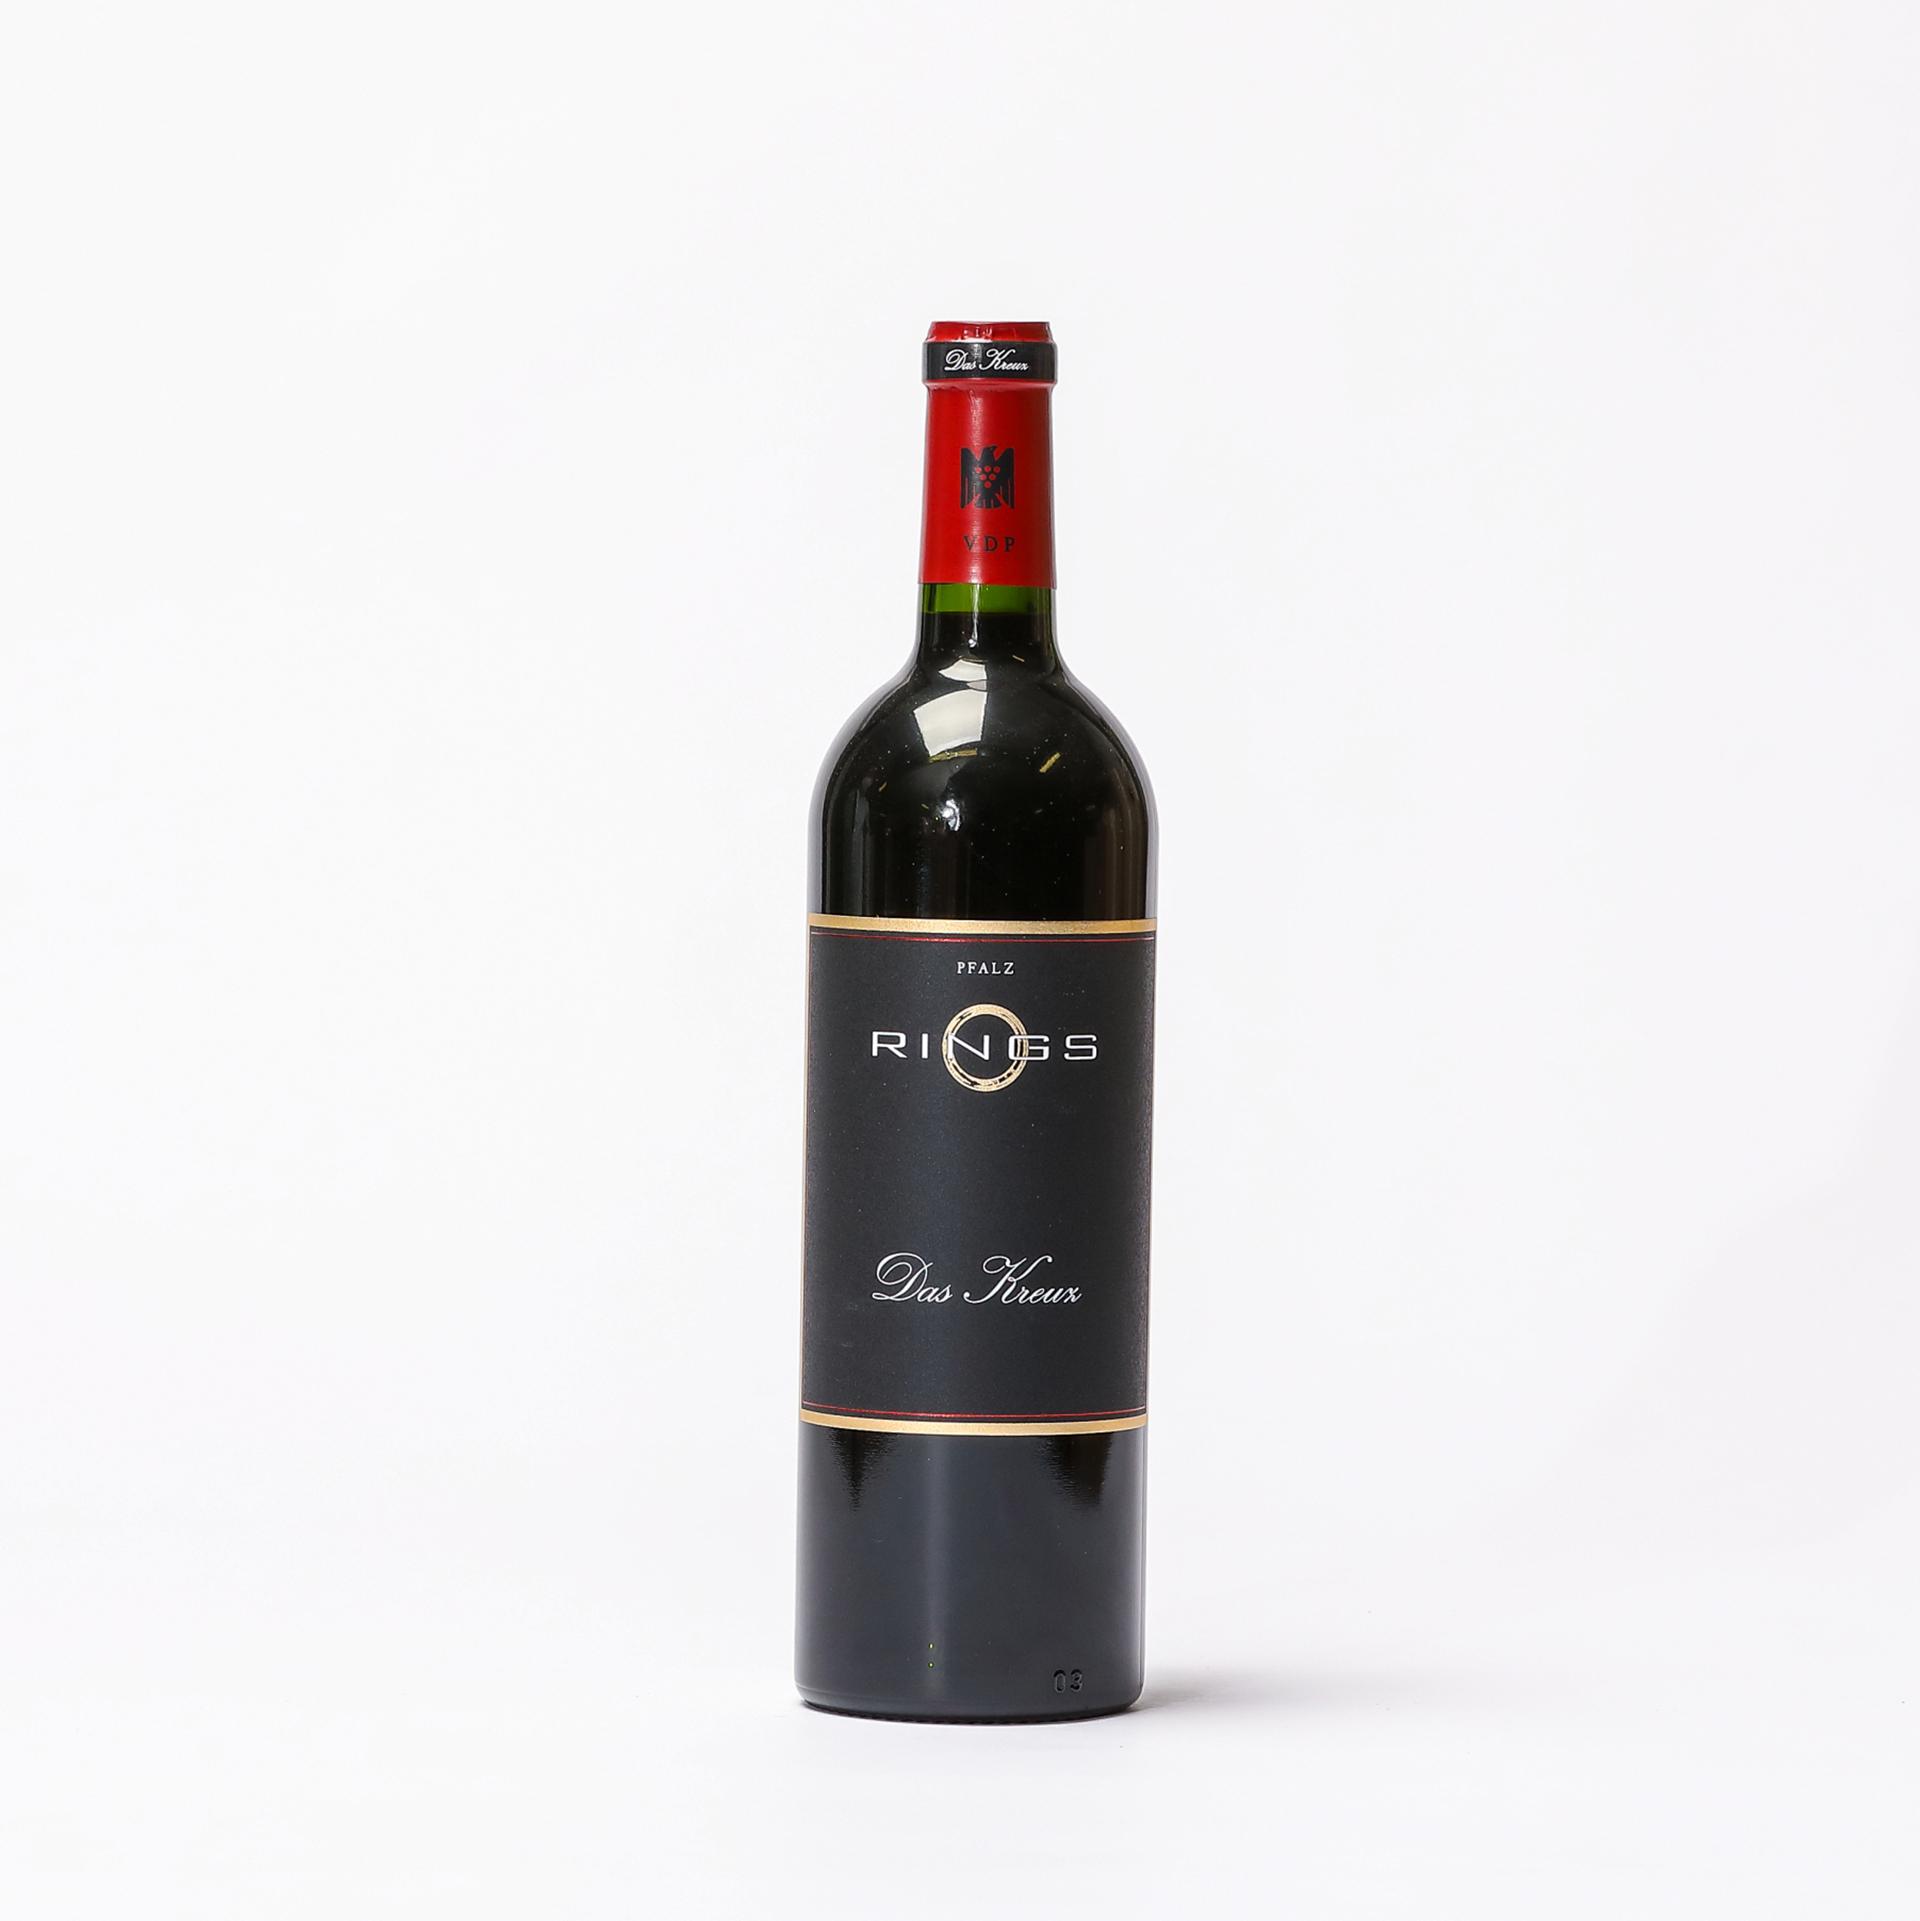 Produktbild Rotweincuvée Das Kreuz 2018 - Weingut Rings| DINZLER Kaffeerösterei